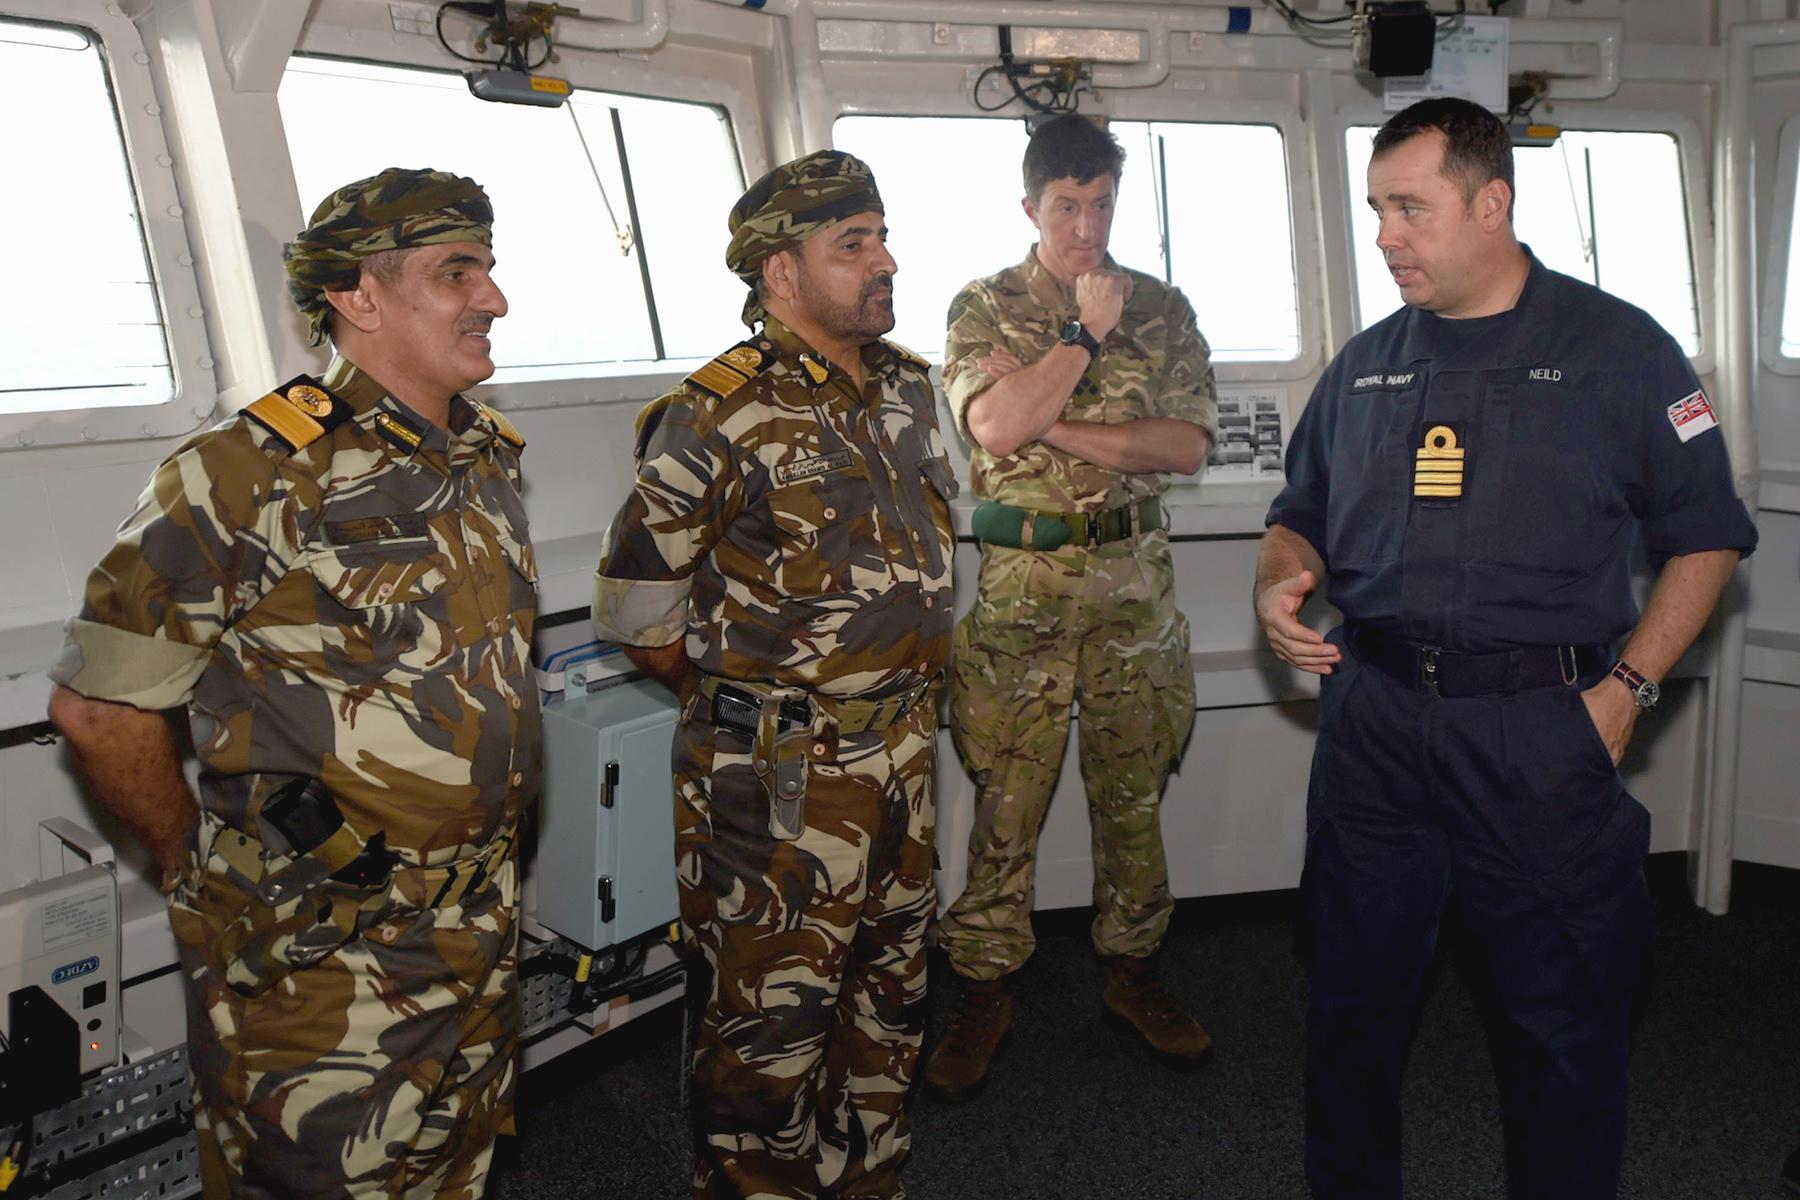 قائد البحرية يزور سفينتي قيادة القوة البحرية (الظافرة) وسفينة البحرية الملكية البريطانية (ألبيون)